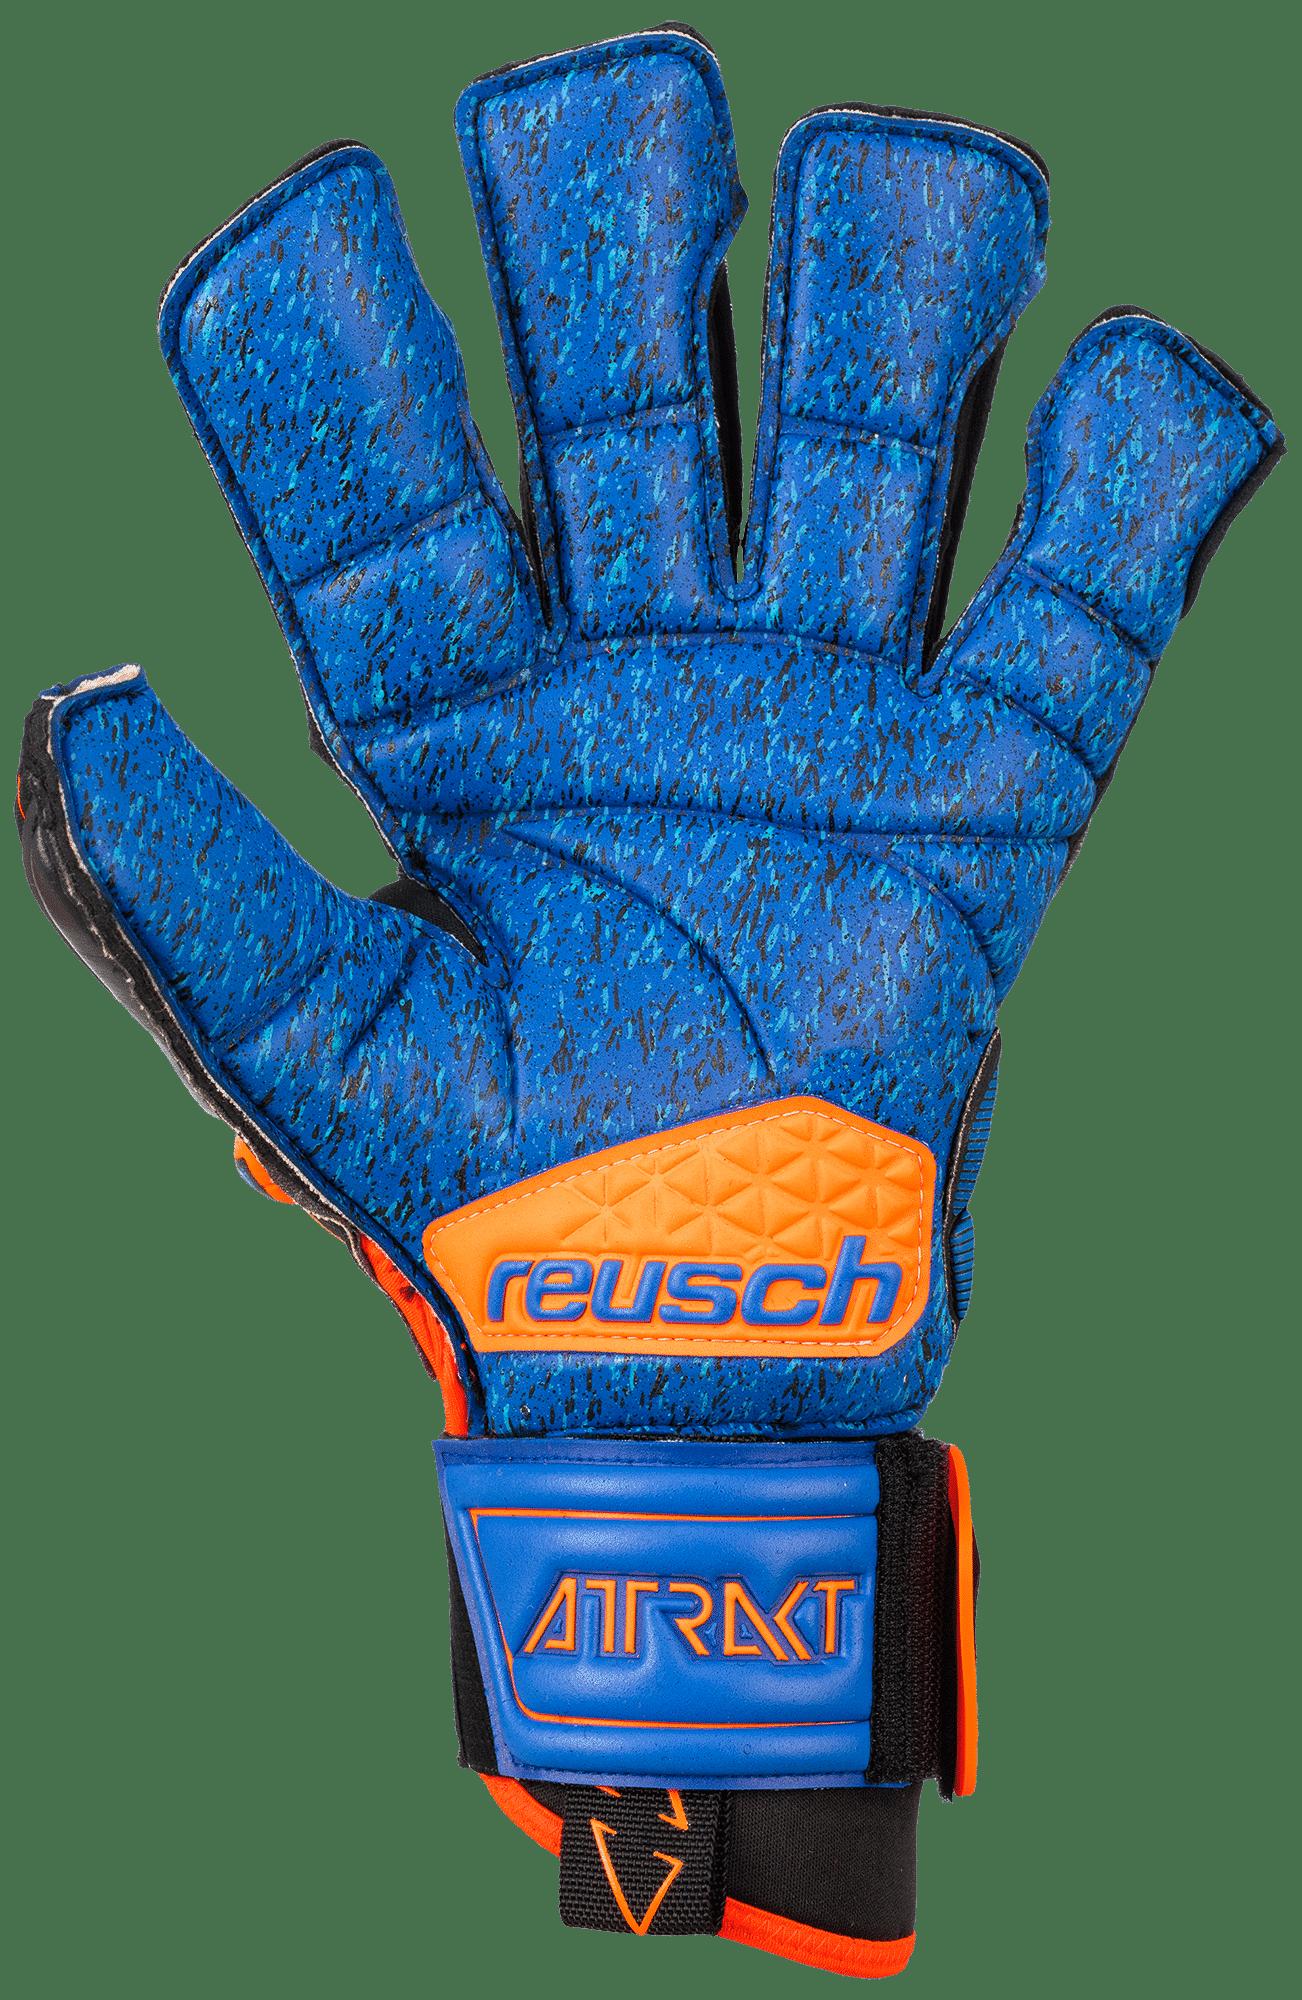 gants-reusch-attrakt-orhtotec-1